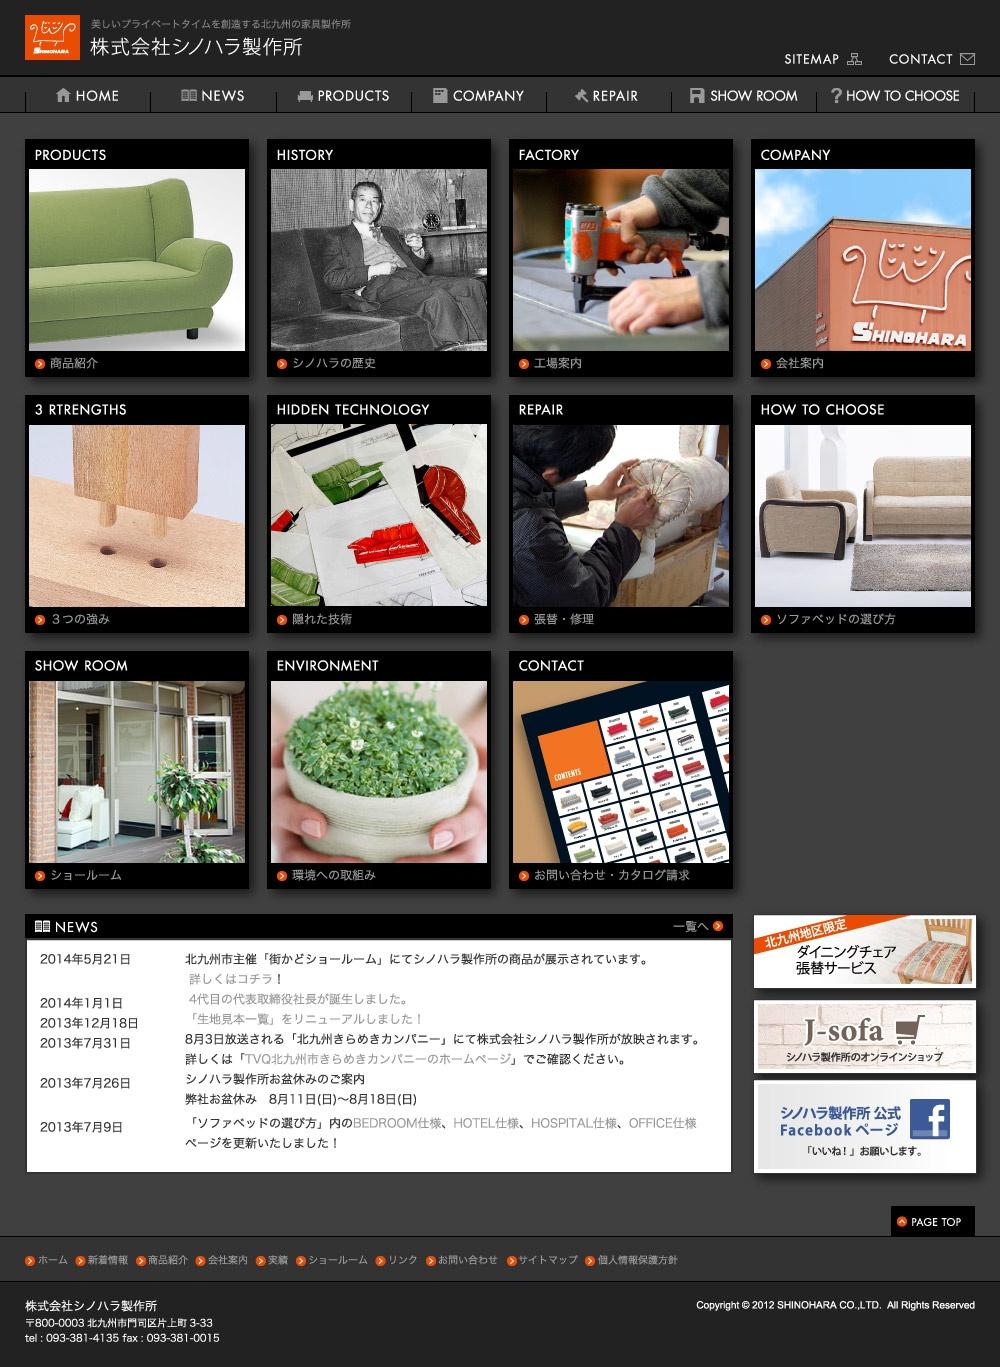 株式会社シノハラ製作所トップページ画像